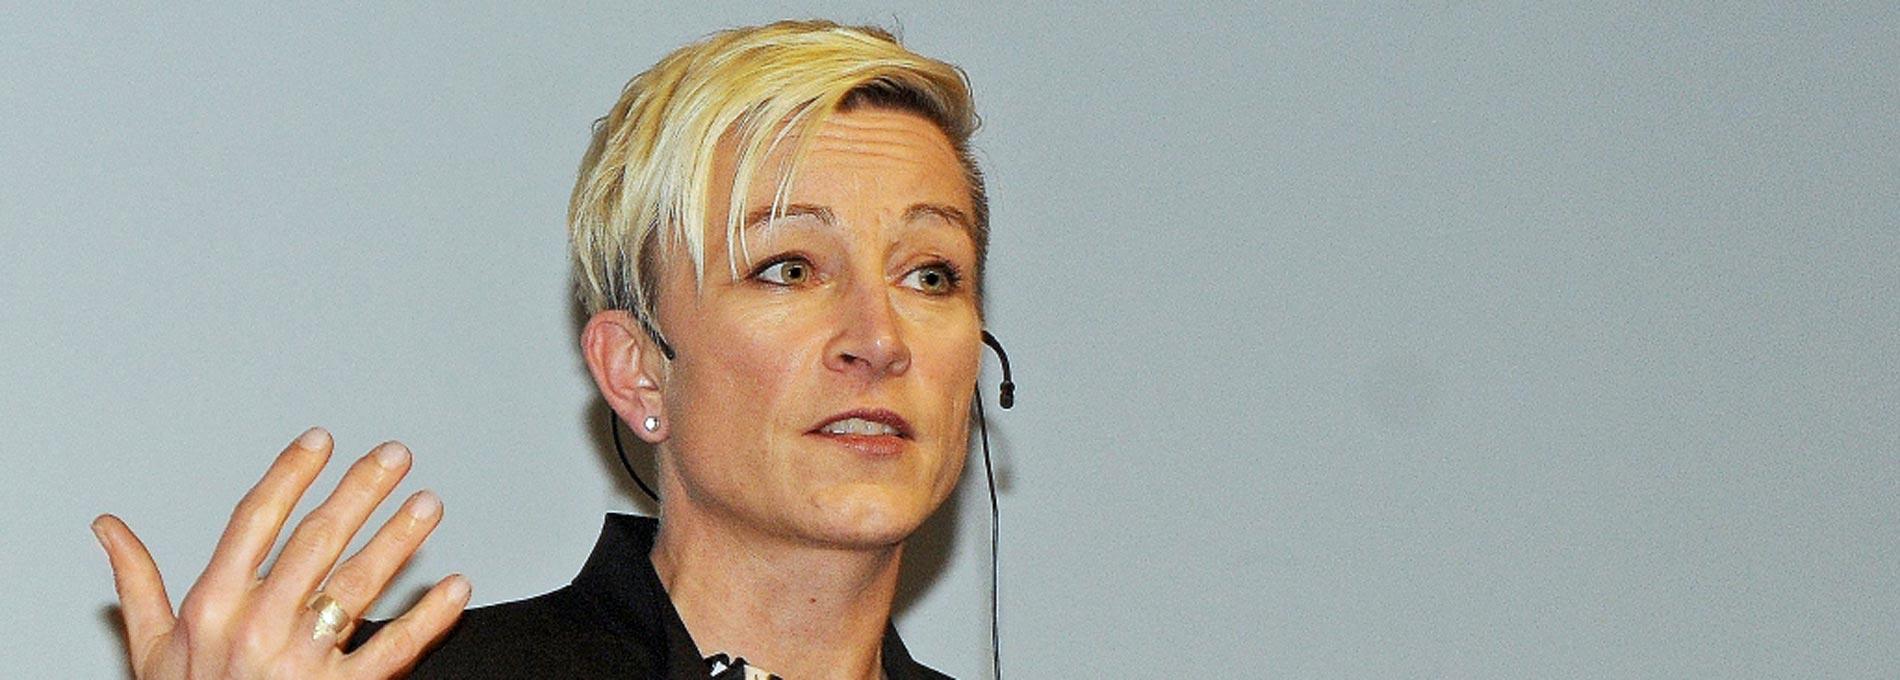 Claudia Tölle hält einen Vortrag mit Headset